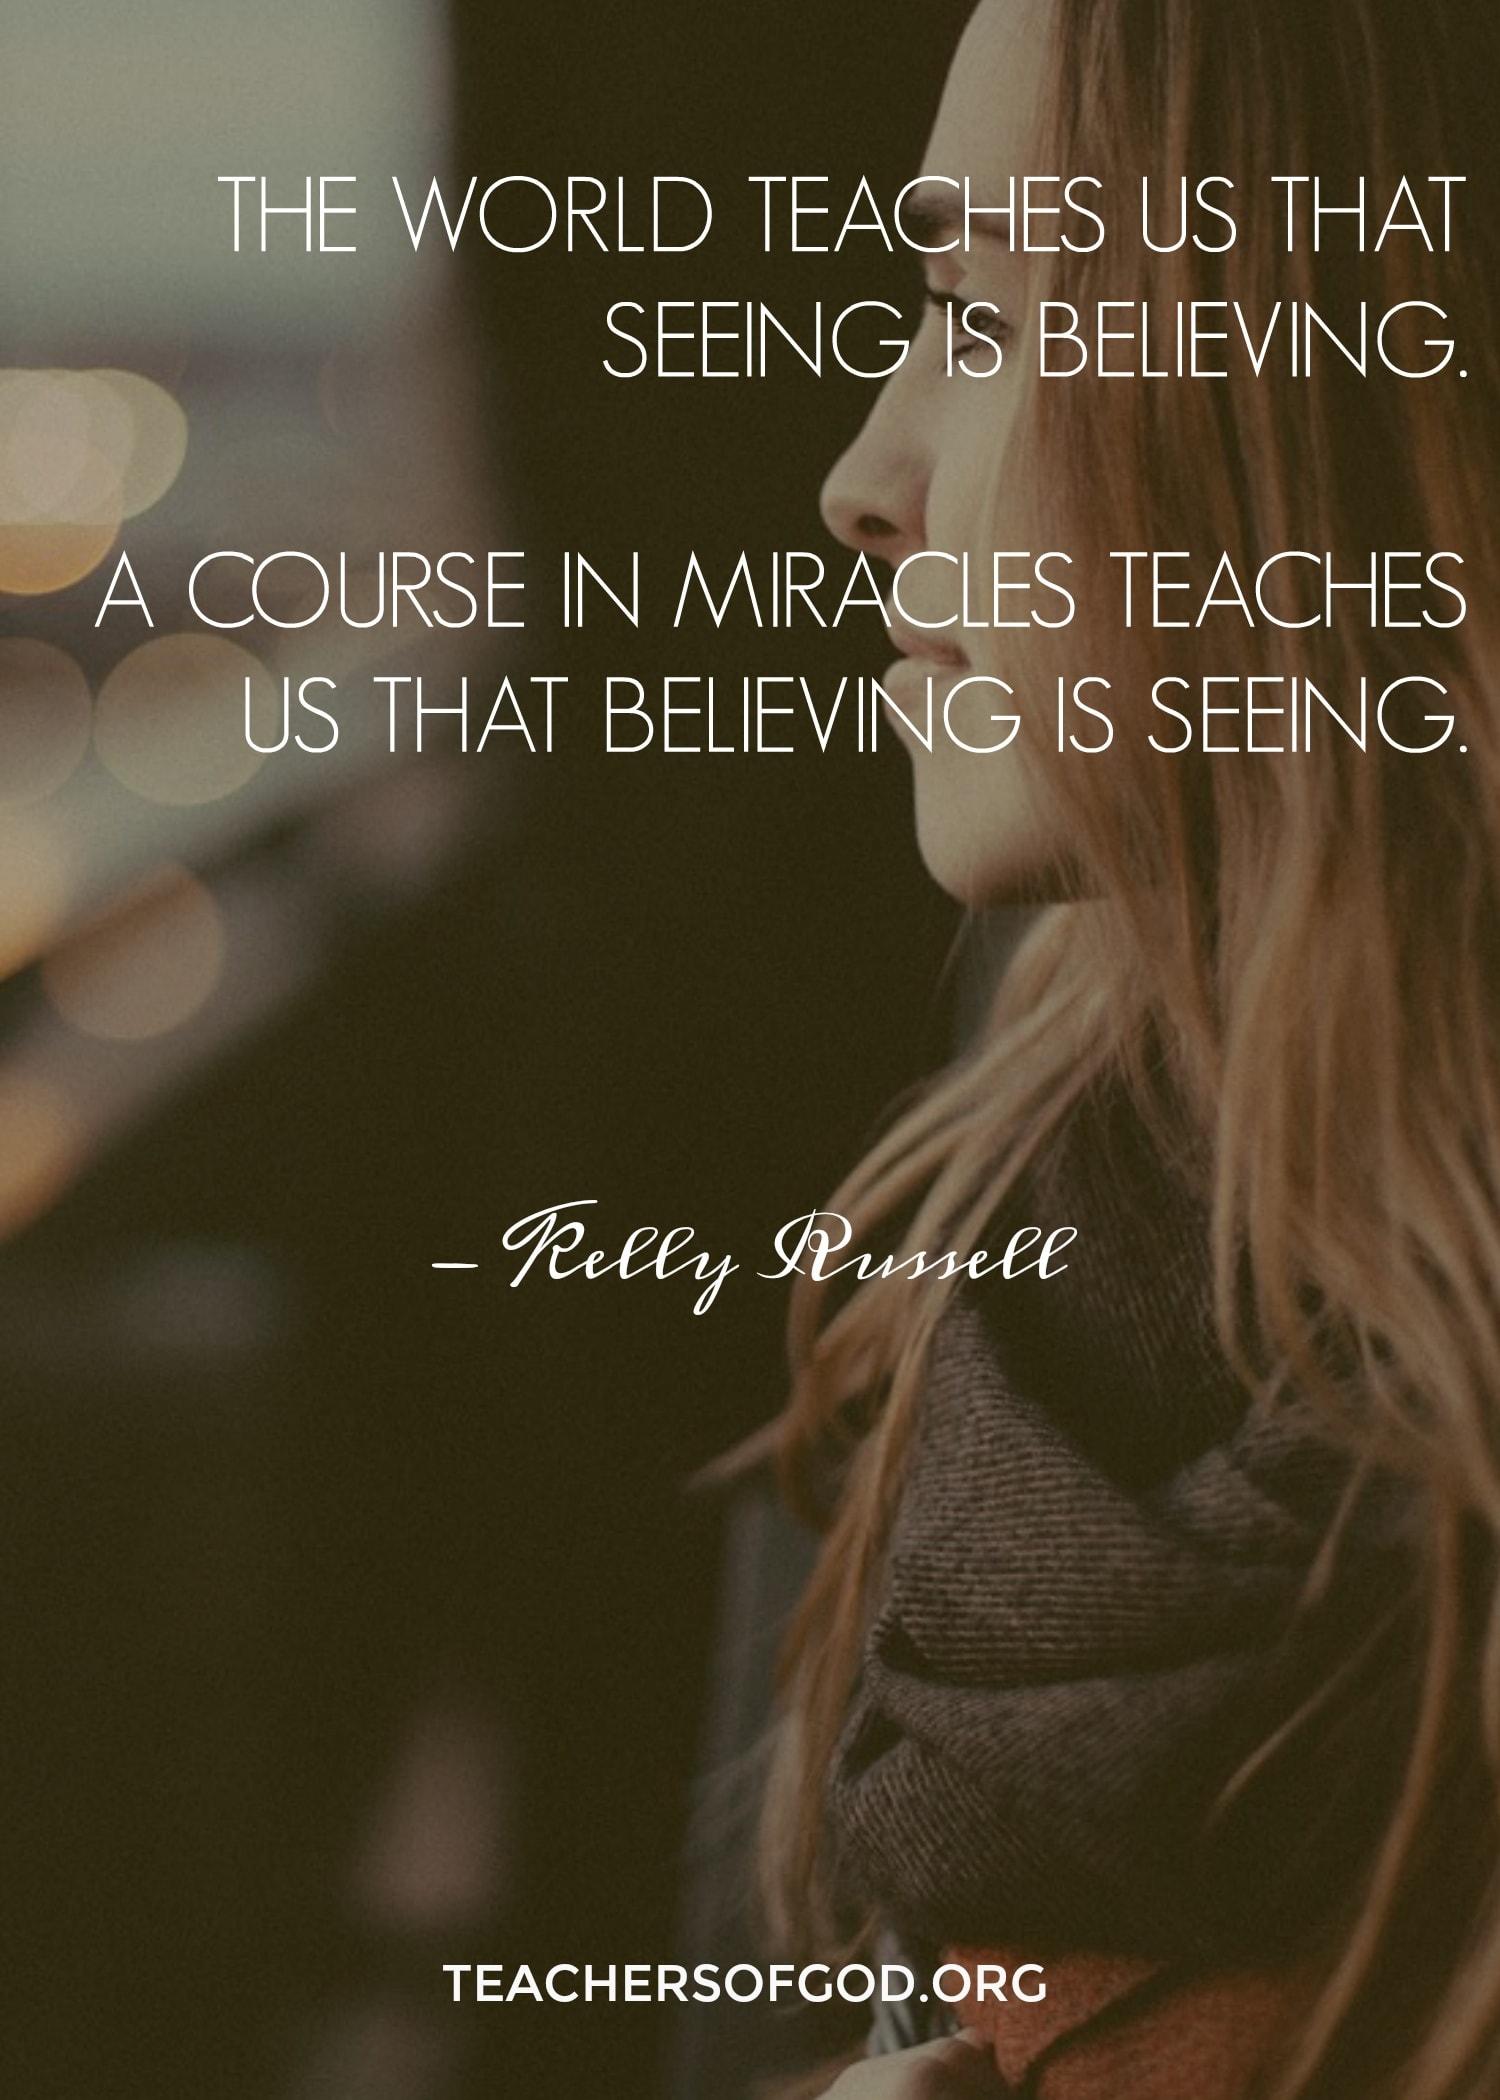 beliveing is seeing